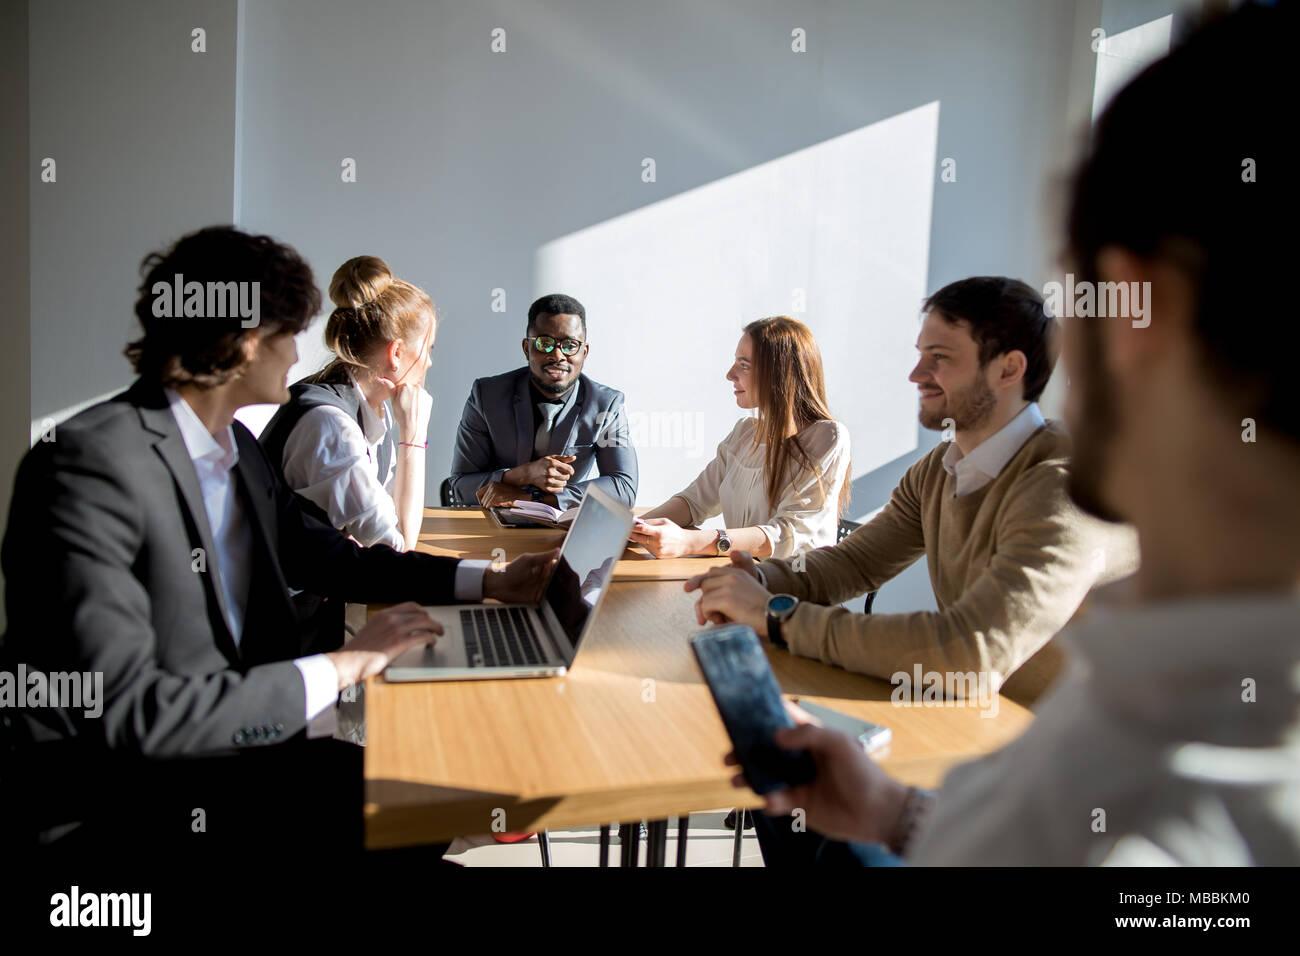 La gente di affari ascolto di marketing professional africana presentazione degli altoparlanti Immagini Stock